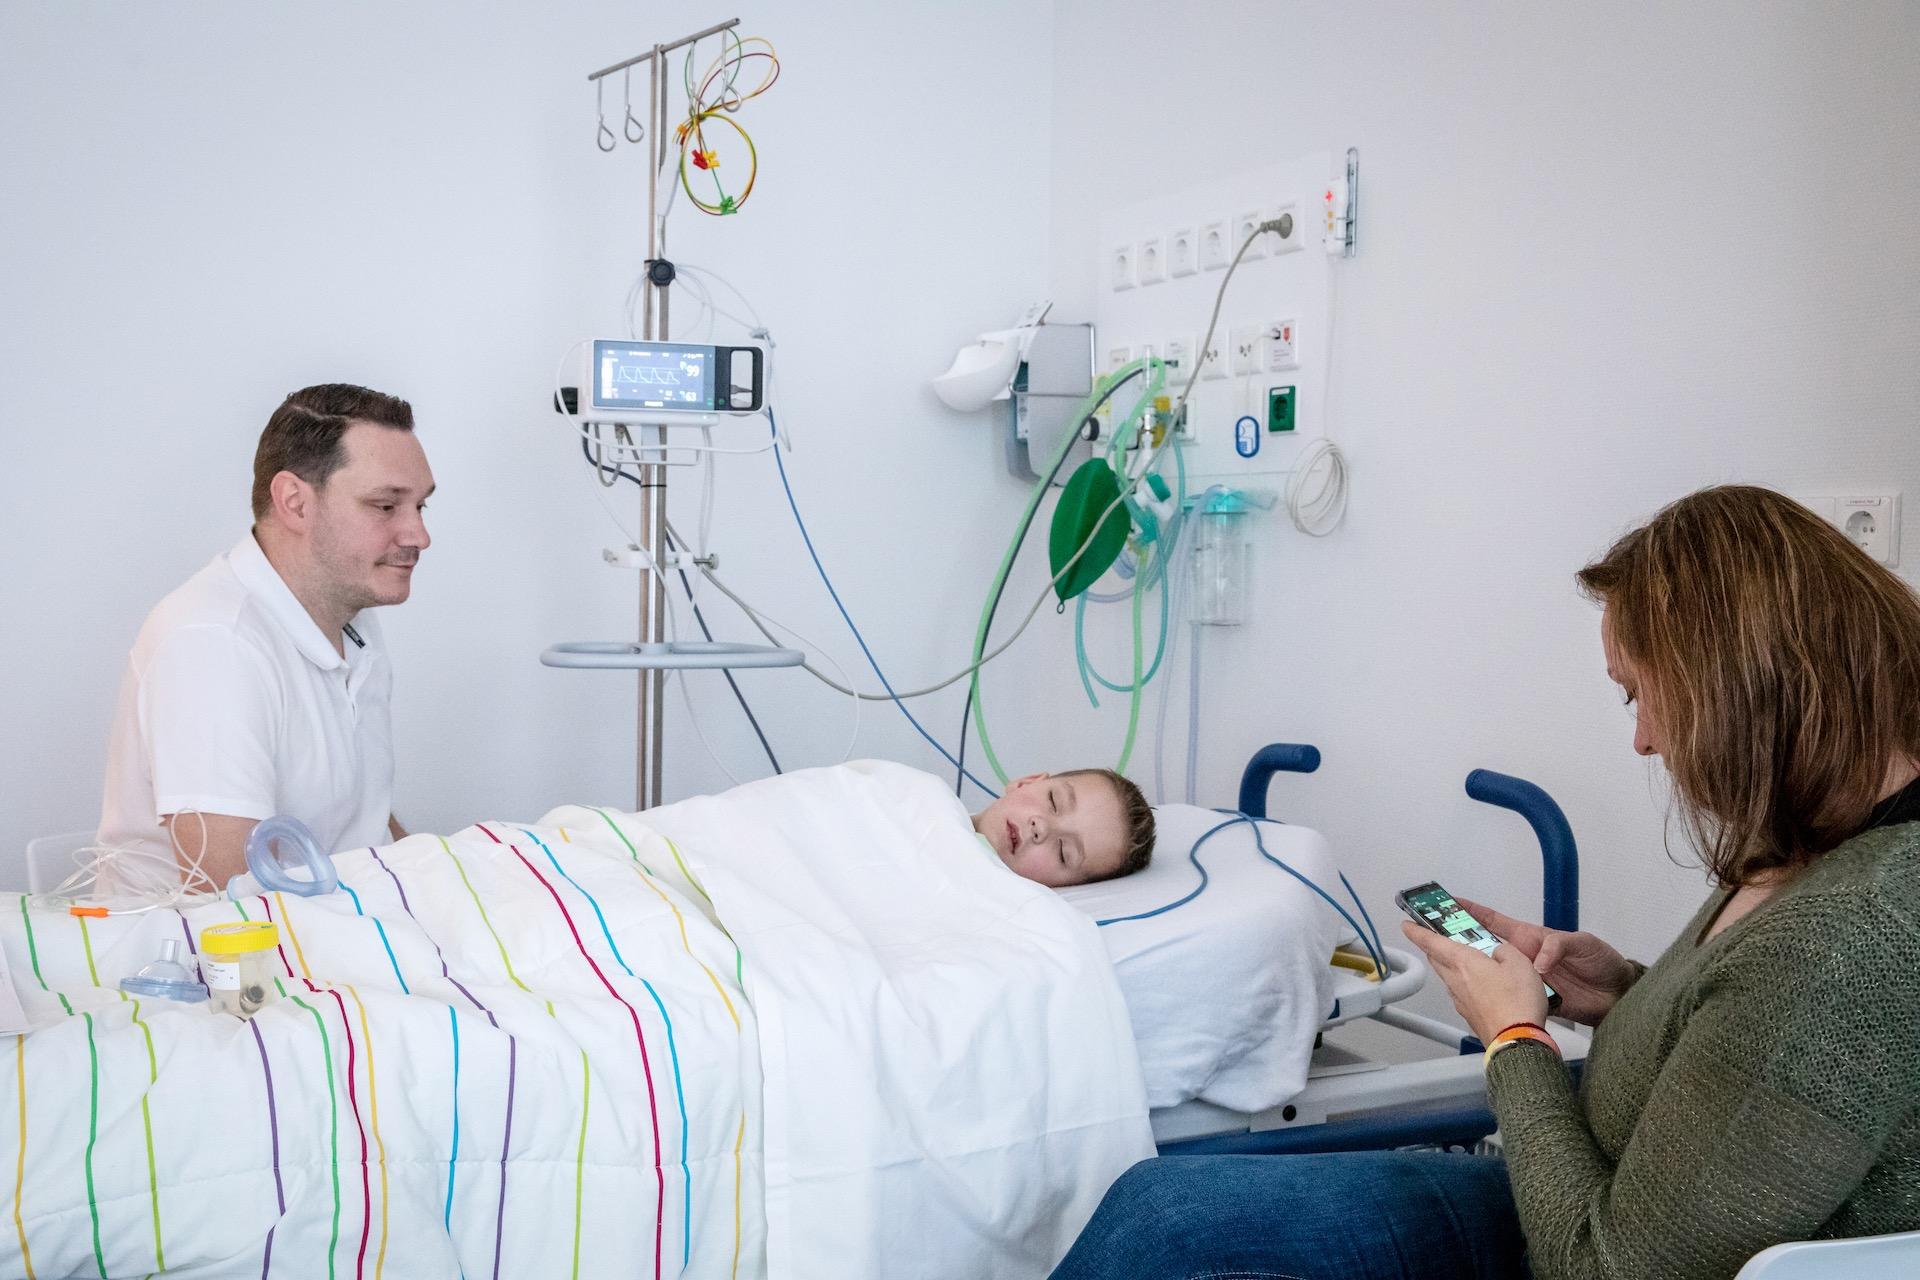 Bjorn slaapt na een operatie. Ze hebben zijn porth a cath verwijderd. Een porth a cath is een onhuidse infuuslijn, waar hij zijn chemo doorheen kreeg. Zijn moeder stuurt de familie een berichtje dat het goed met hem gaat.